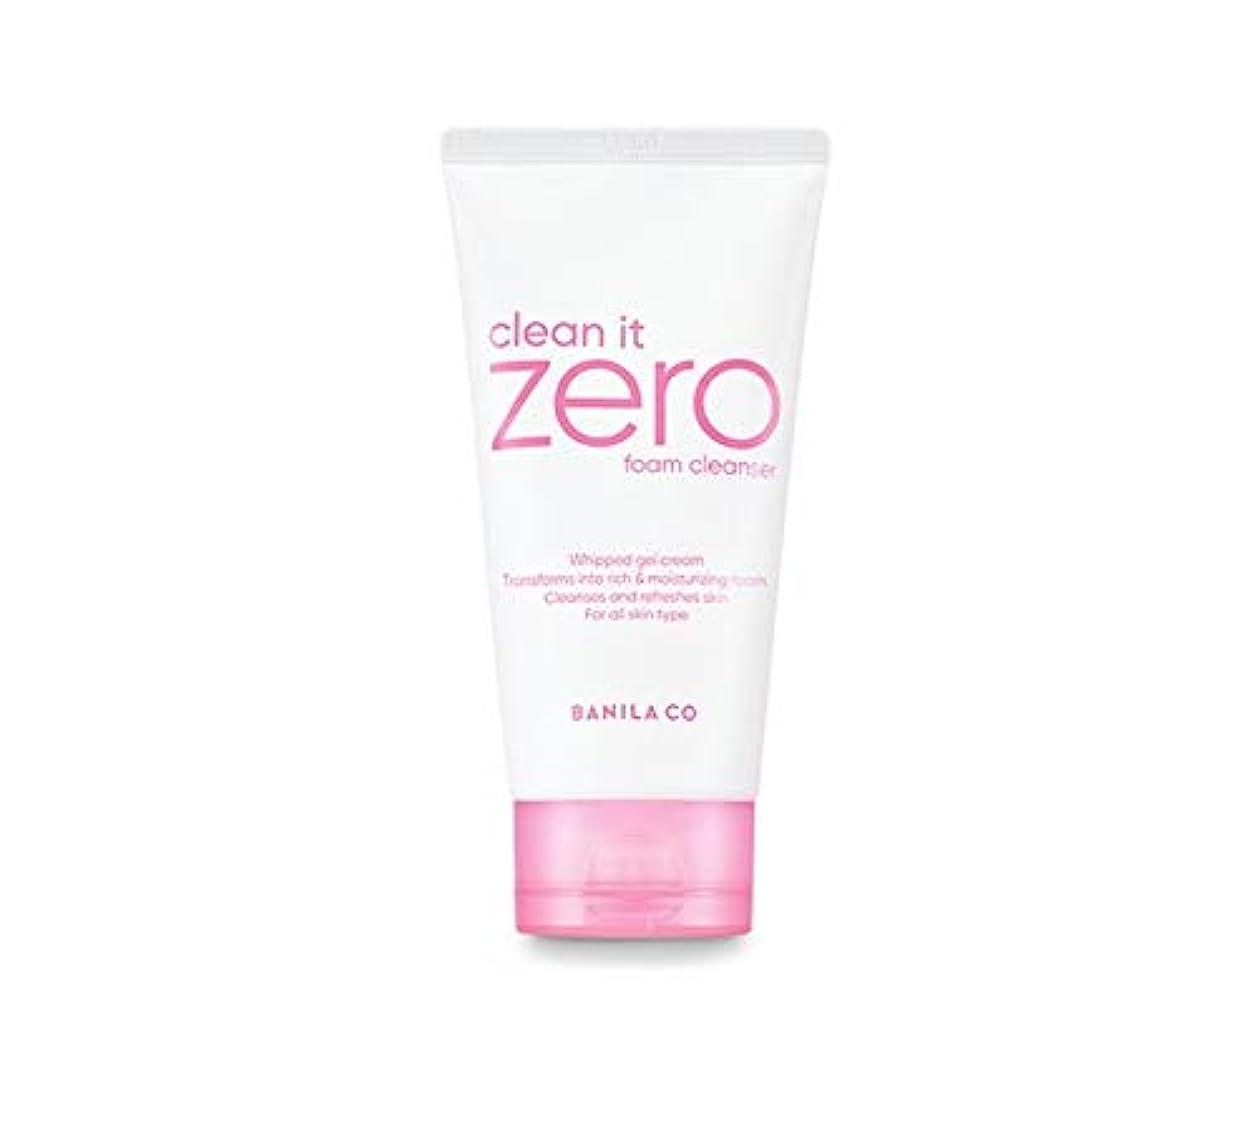 レーザ近所の化石banilaco クリーンイットゼロフォームクレンザー/Clean It Zero Foam Cleanser 150ml [並行輸入品]